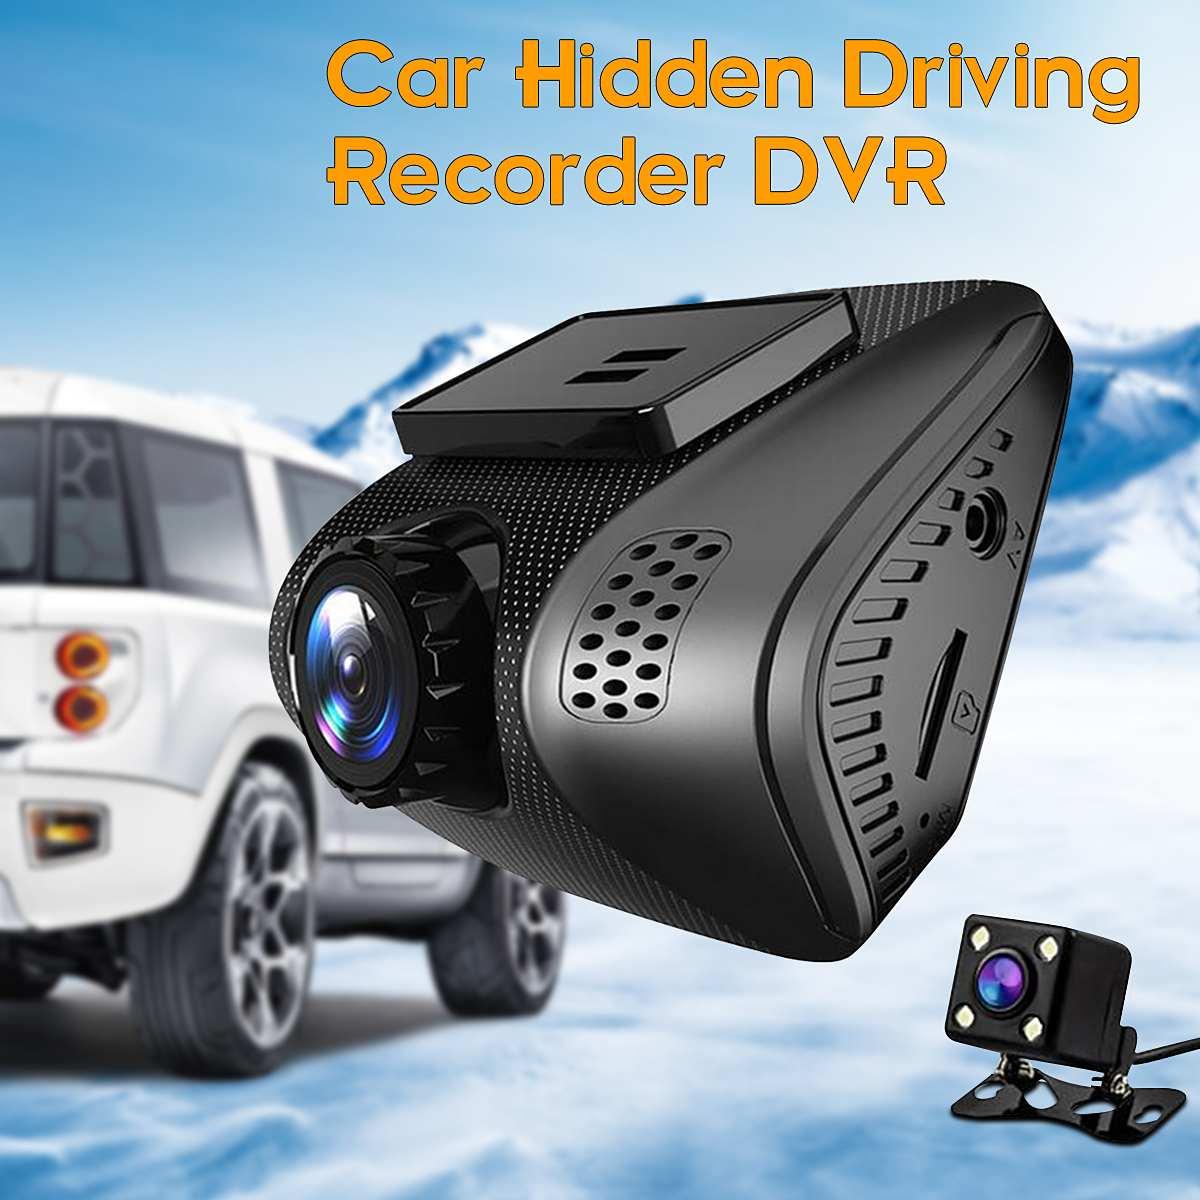 Dvr de voiture Mini caméra embarquée wi-fi Full HD 1080 P webcam de tableau de bord pour vision de nuit Registrator enregistreur vidéo Caméscope enregistreur vidéo double objectif App Contrôle